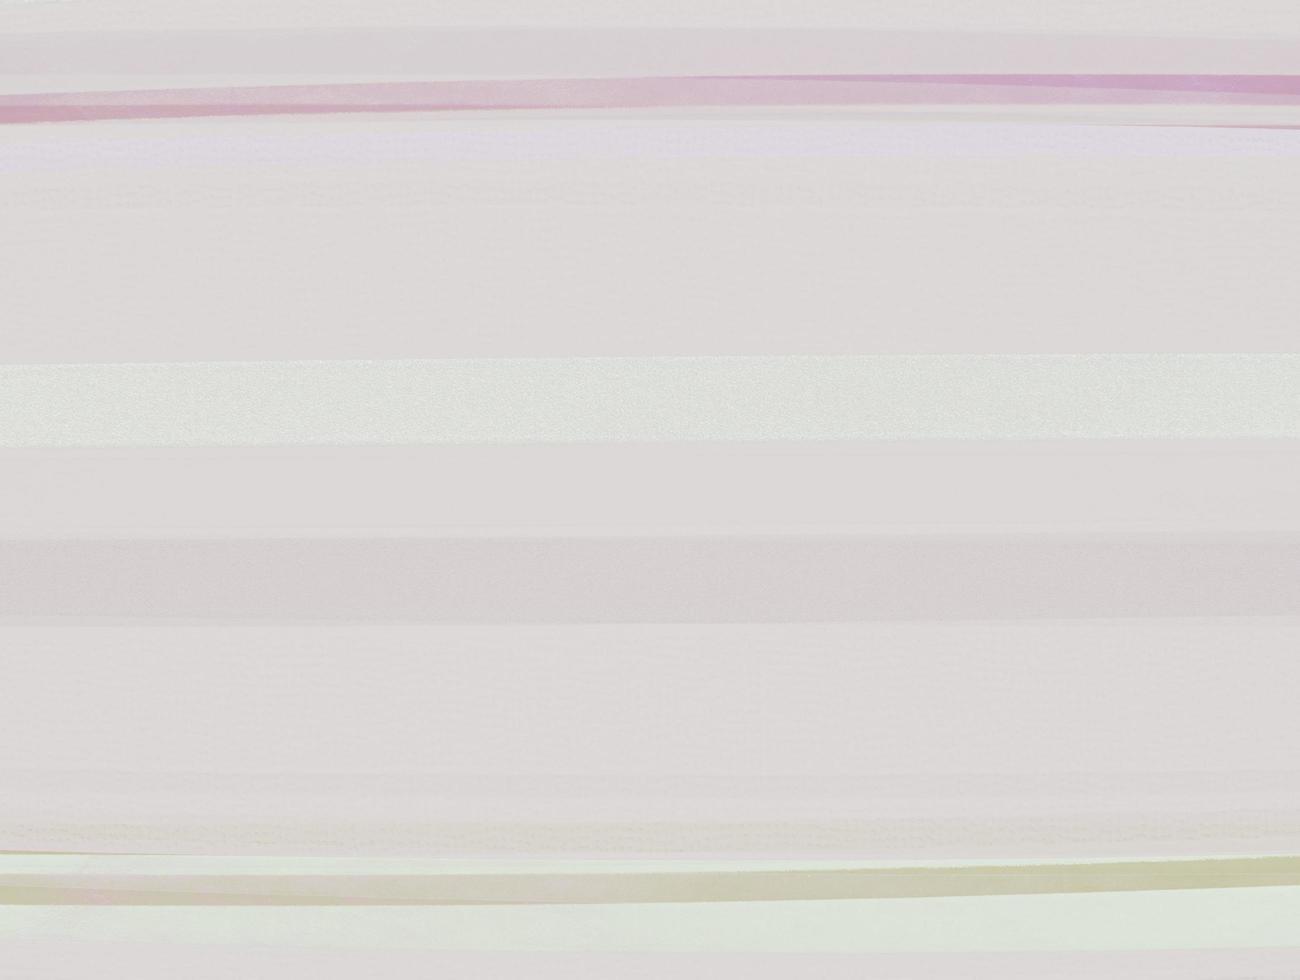 lignes abstraites sur un mur photo